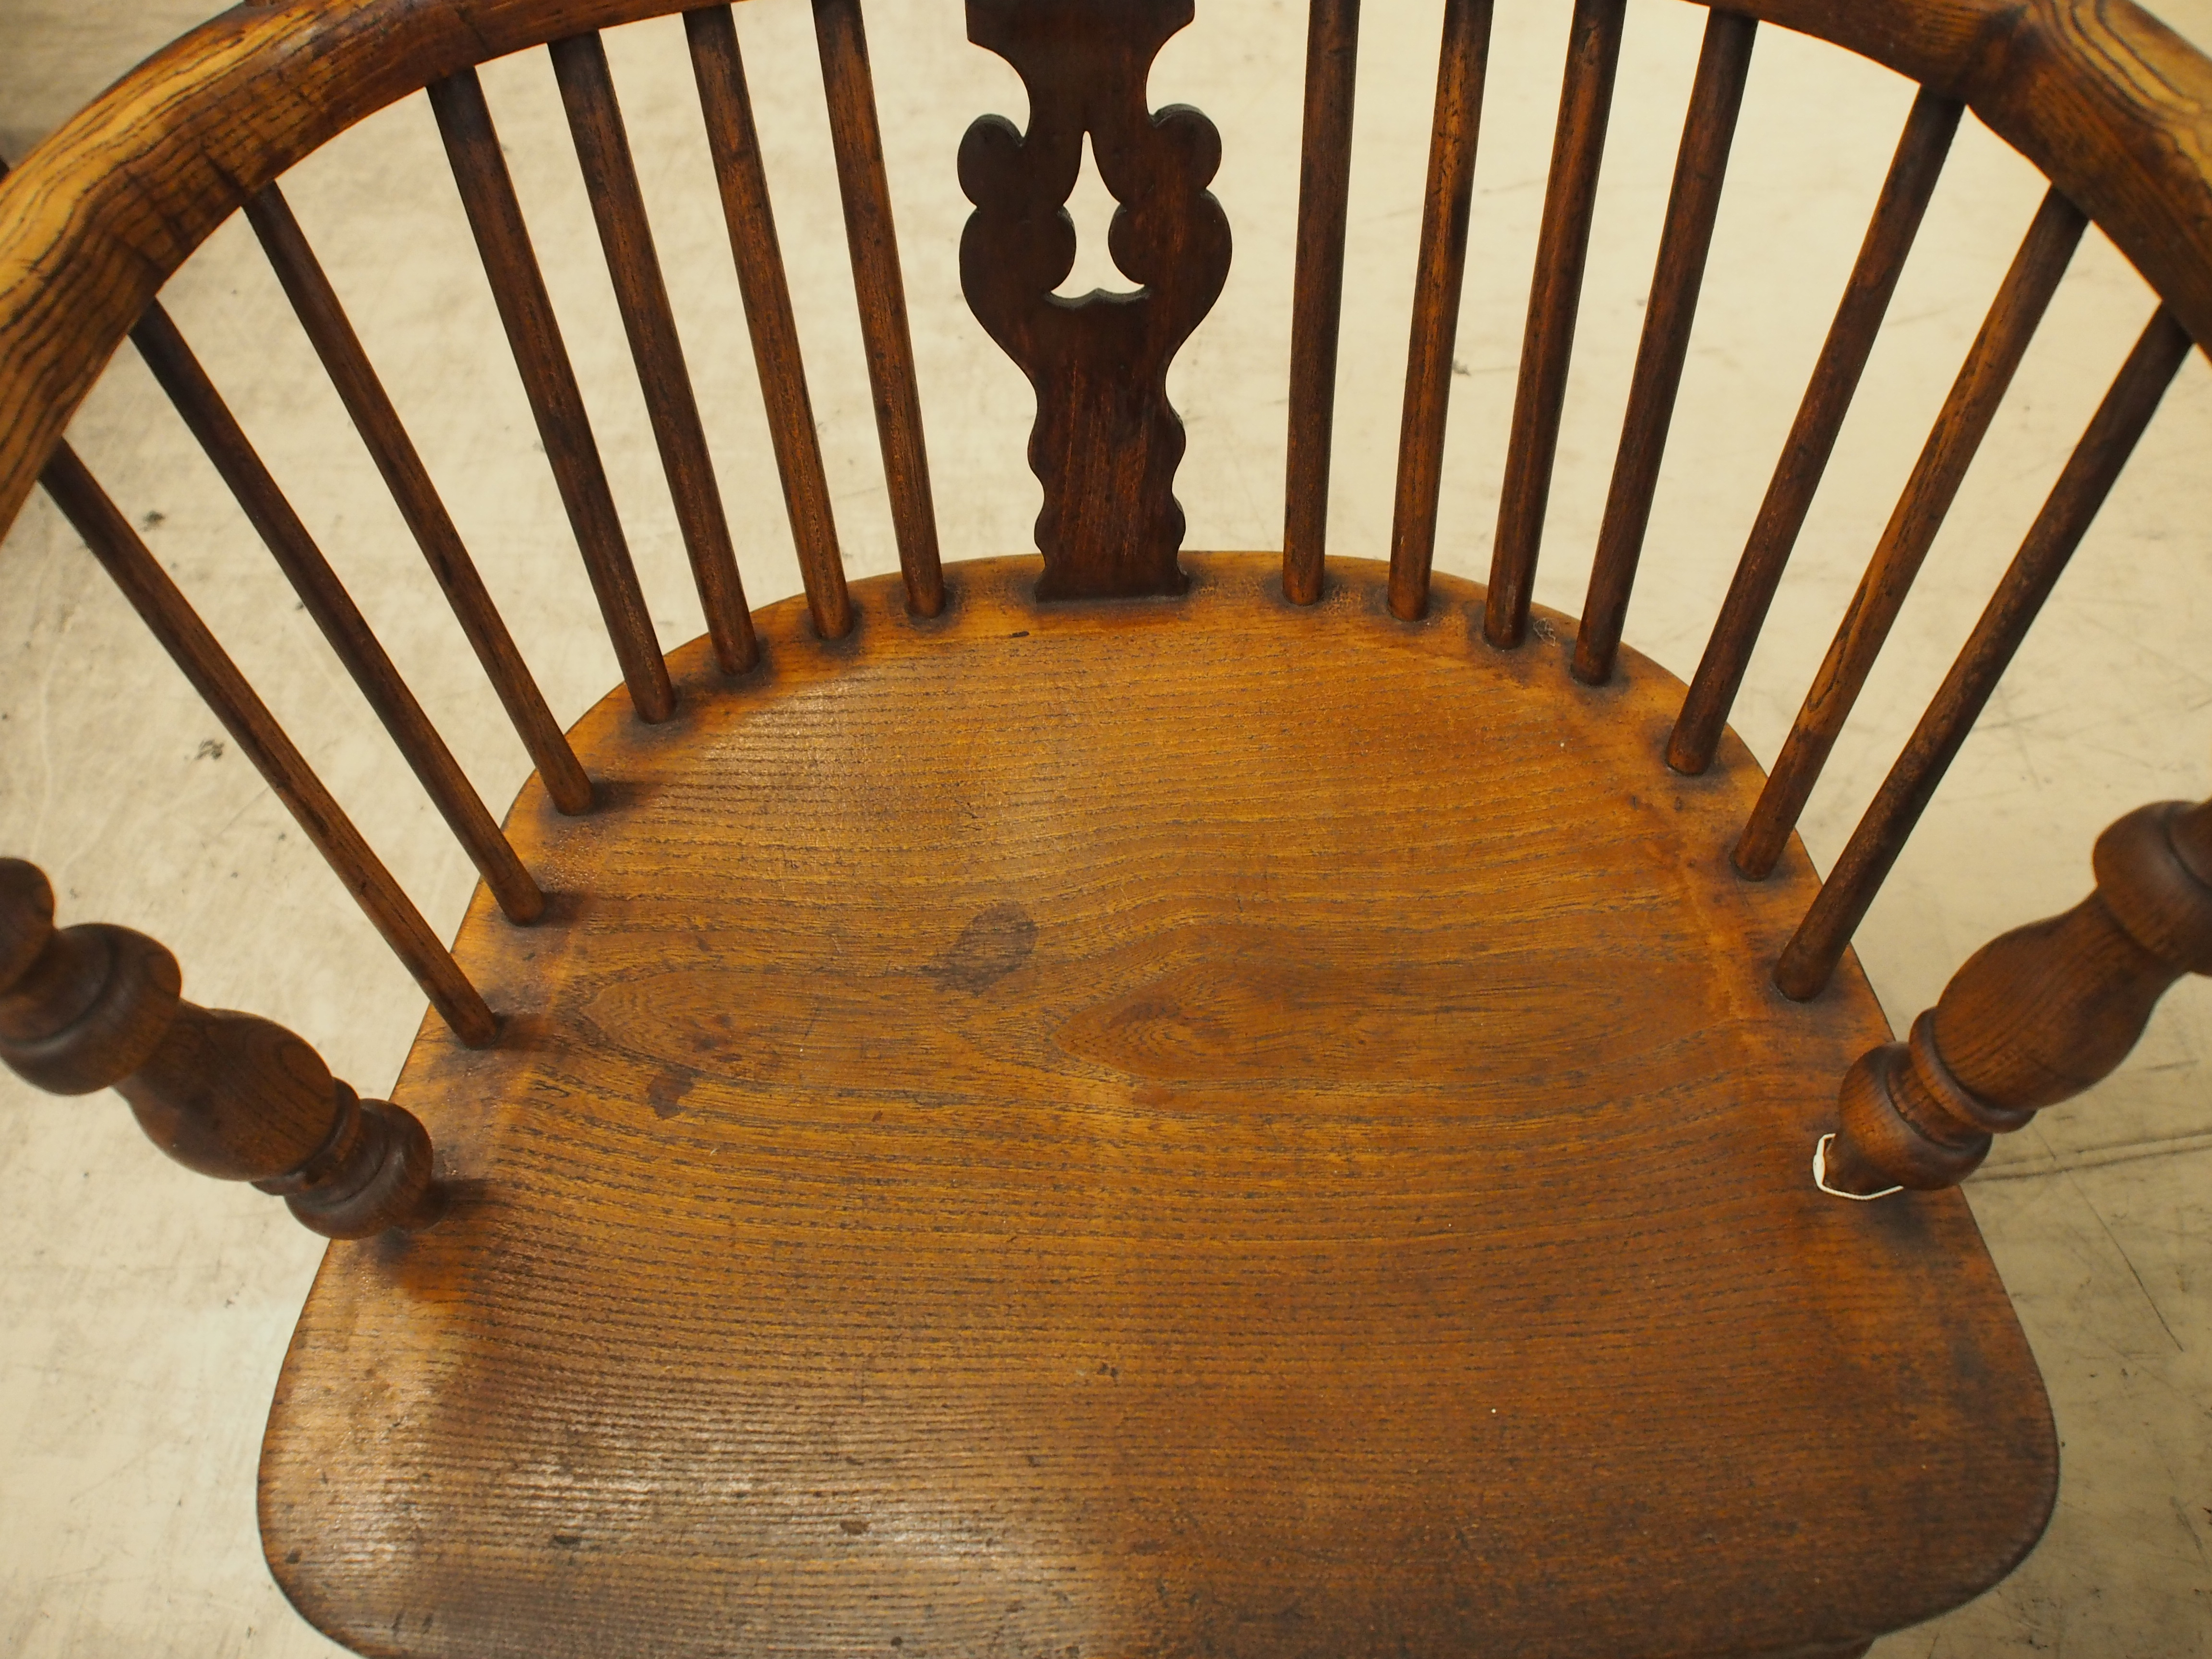 アンティーク ダブルボウバック ダブルボウバックウィンザーアームチェア ウィンザーチェア ウィンザーアームチェア アンティーク家具大阪 曲げ木椅子 肘掛け付き椅子 カントリーチェア ウィンザー地方 シャビー ヴィンテージ ビンテージ イギリスアンティークショップ 英国家具 ツインアンティークス TWIN ANTIQUES